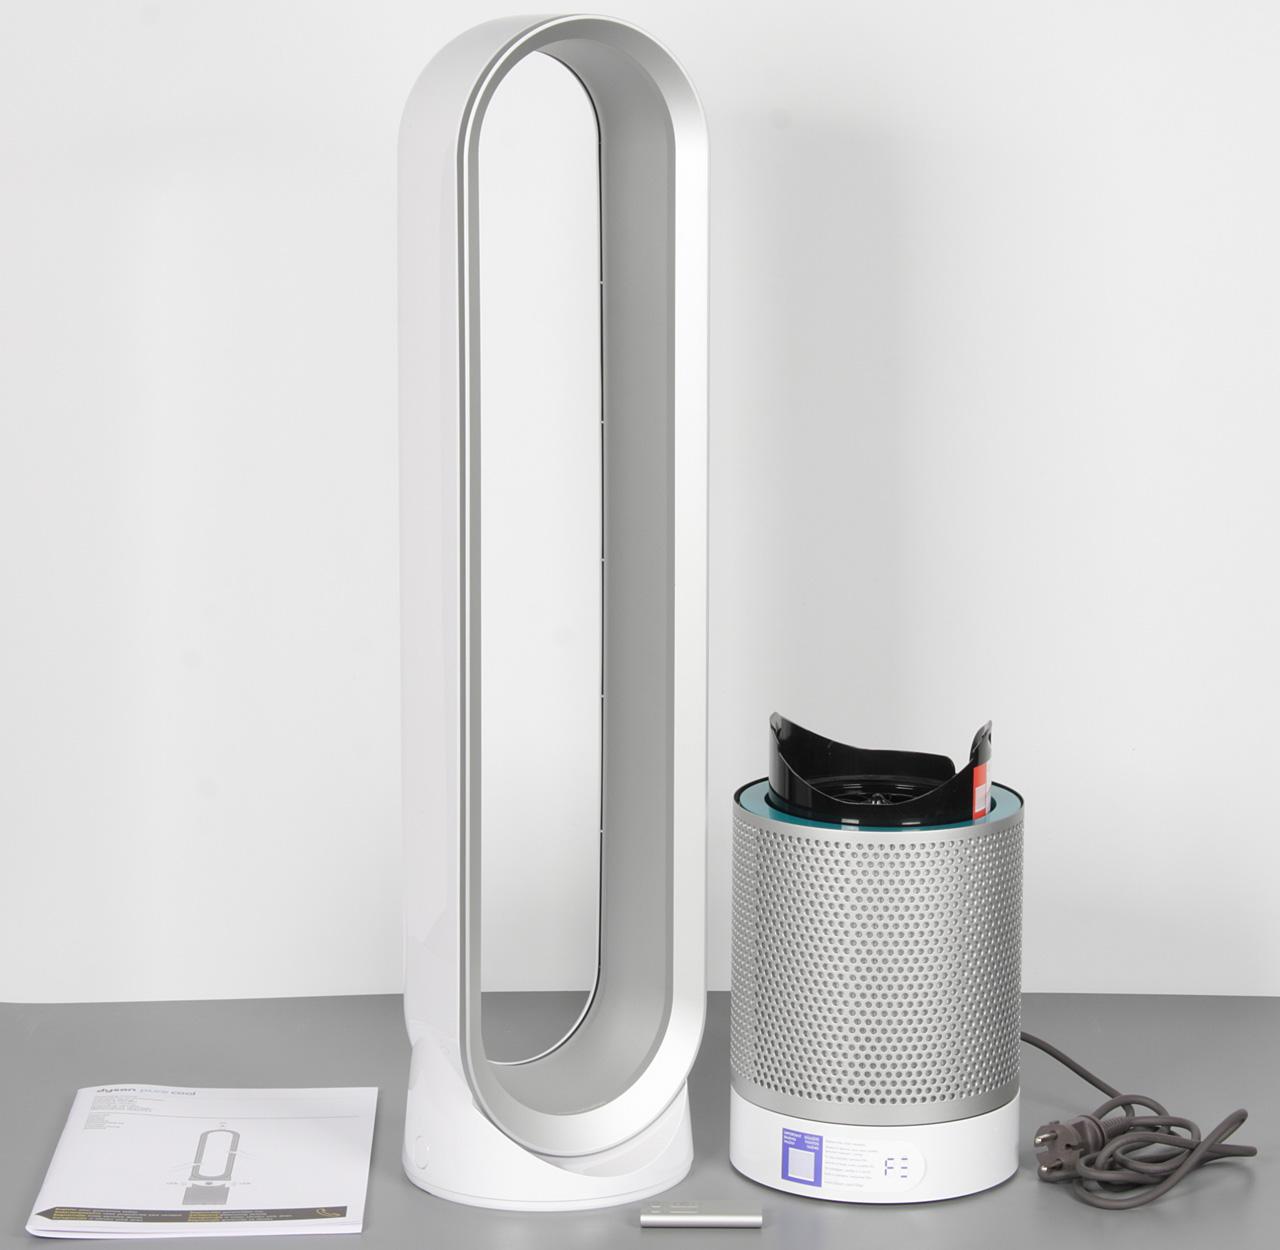 dyson очиститель воздуха тест